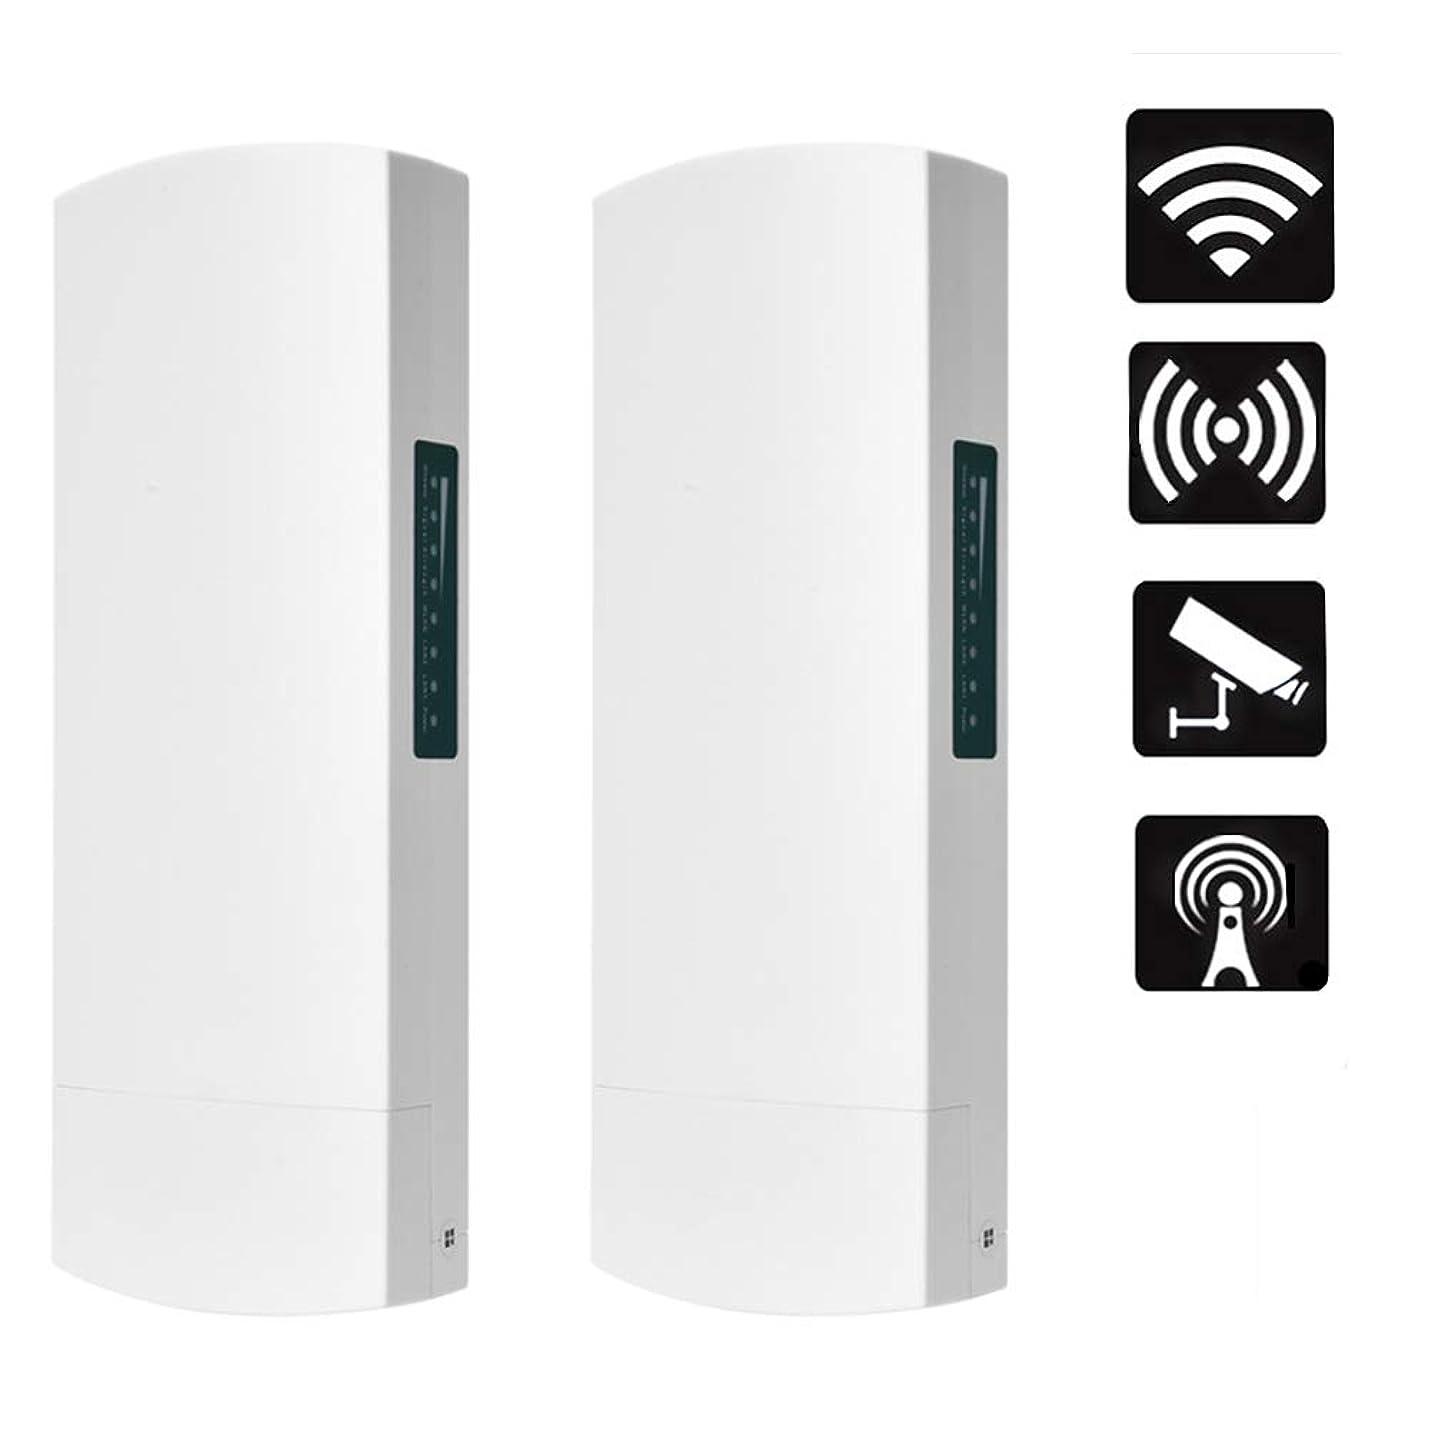 不明瞭カーフ時間厳守2本屋外ワイヤレスブリッジセット 無線LAN中継器 300Mbps 5.8G 3KM伝送距離 ワイヤレスアクセスポイント CPEネットワー、USPlug(US プラグ)